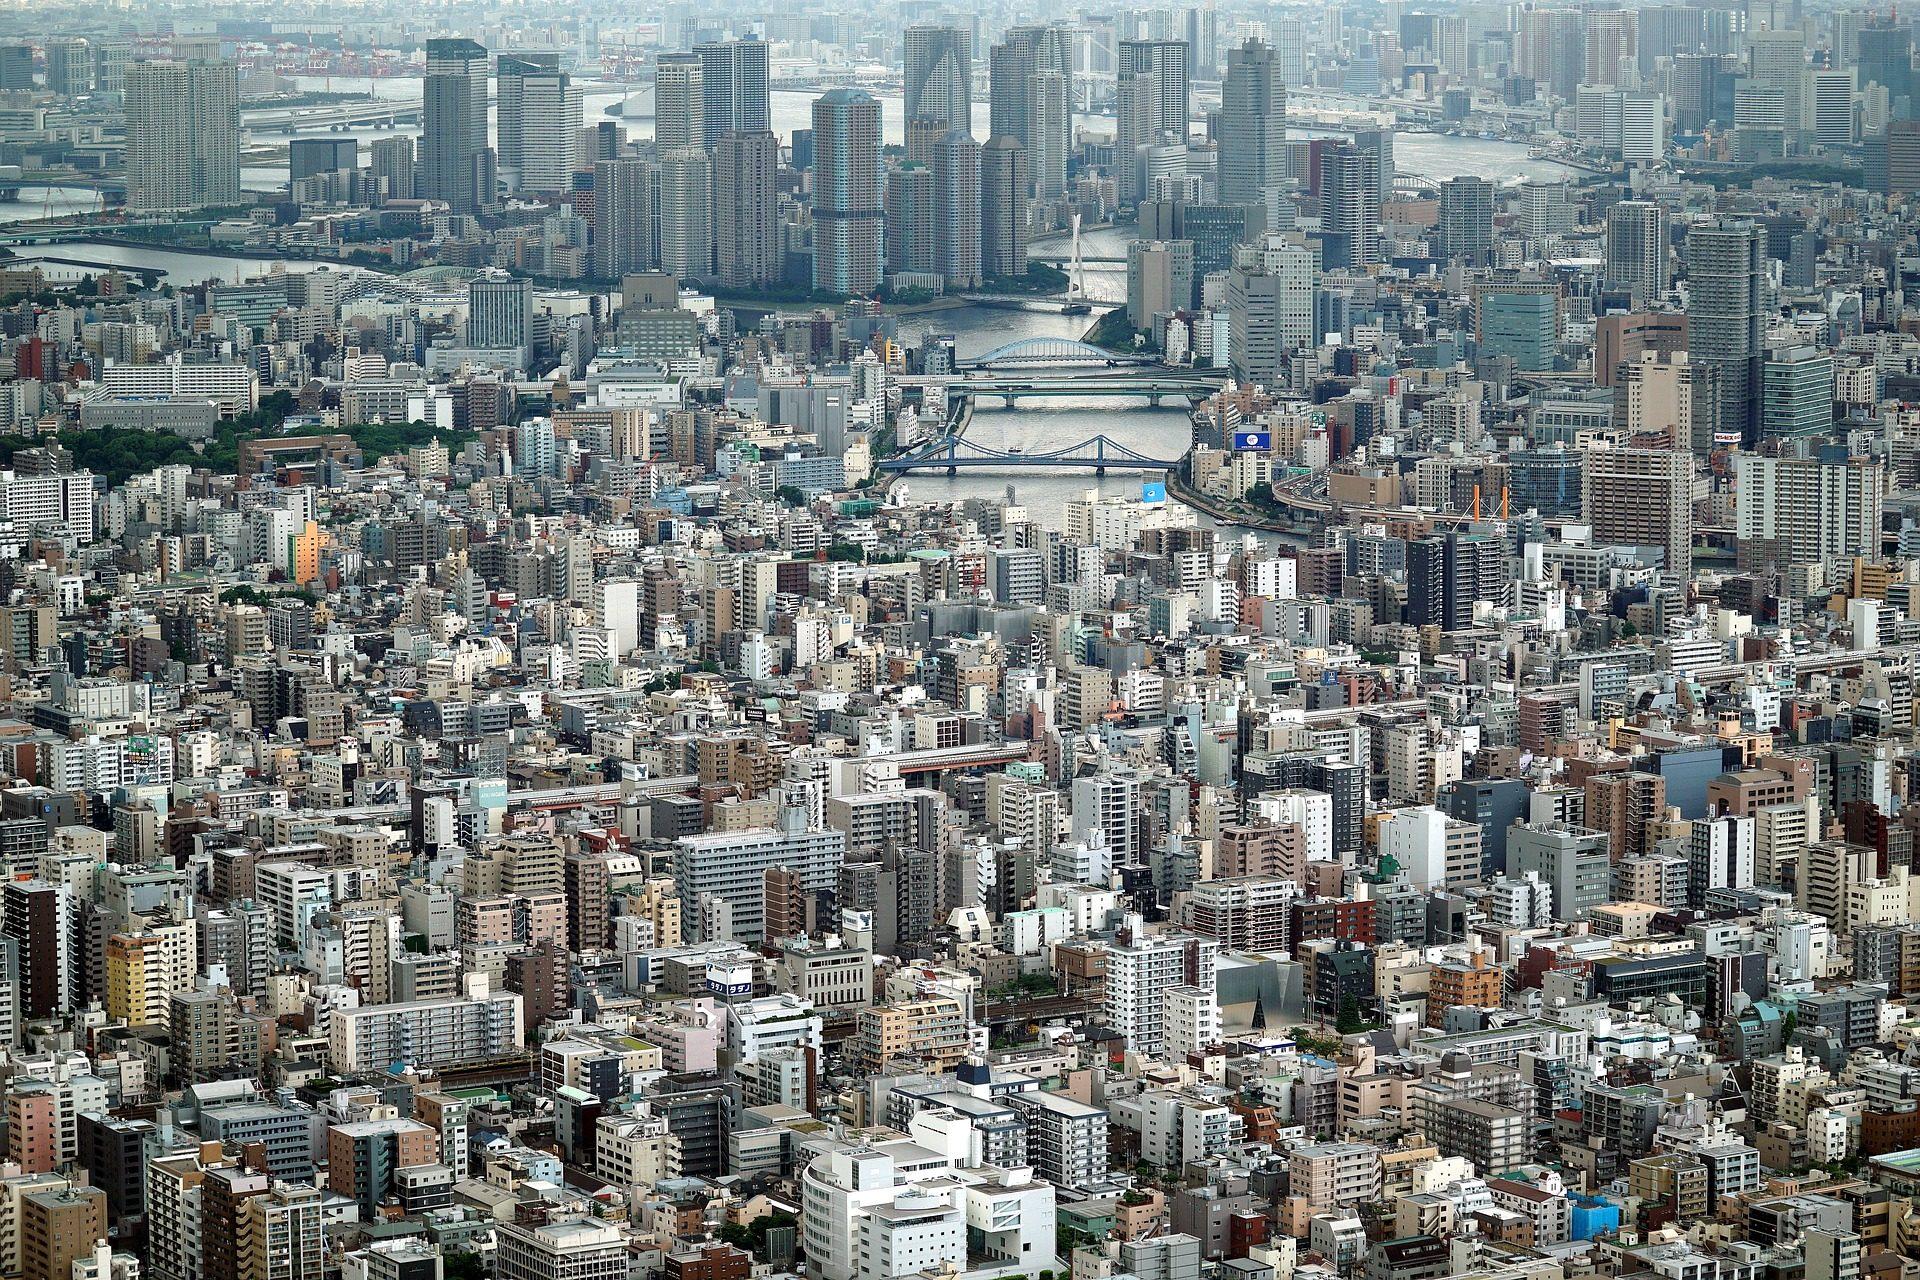 城市, 都市, 建筑, 摩天大楼, 集聚, 人口过剩 - 高清壁纸 - 教授-falken.com